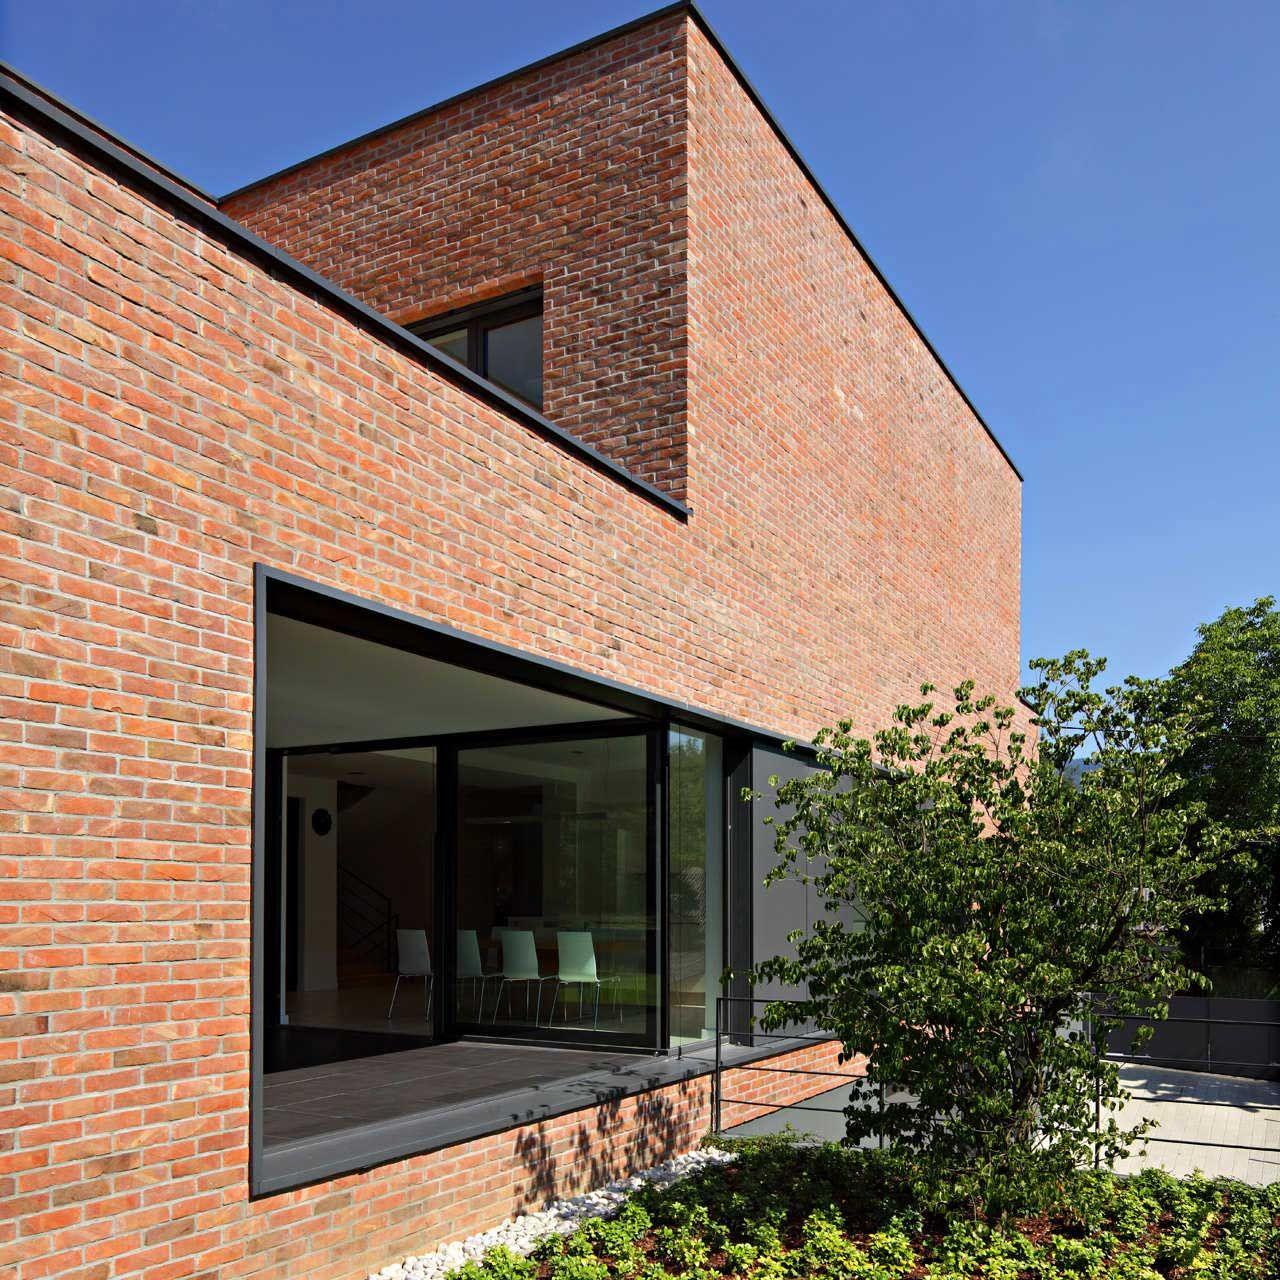 Podfuscak residence by dva arhitekta 13